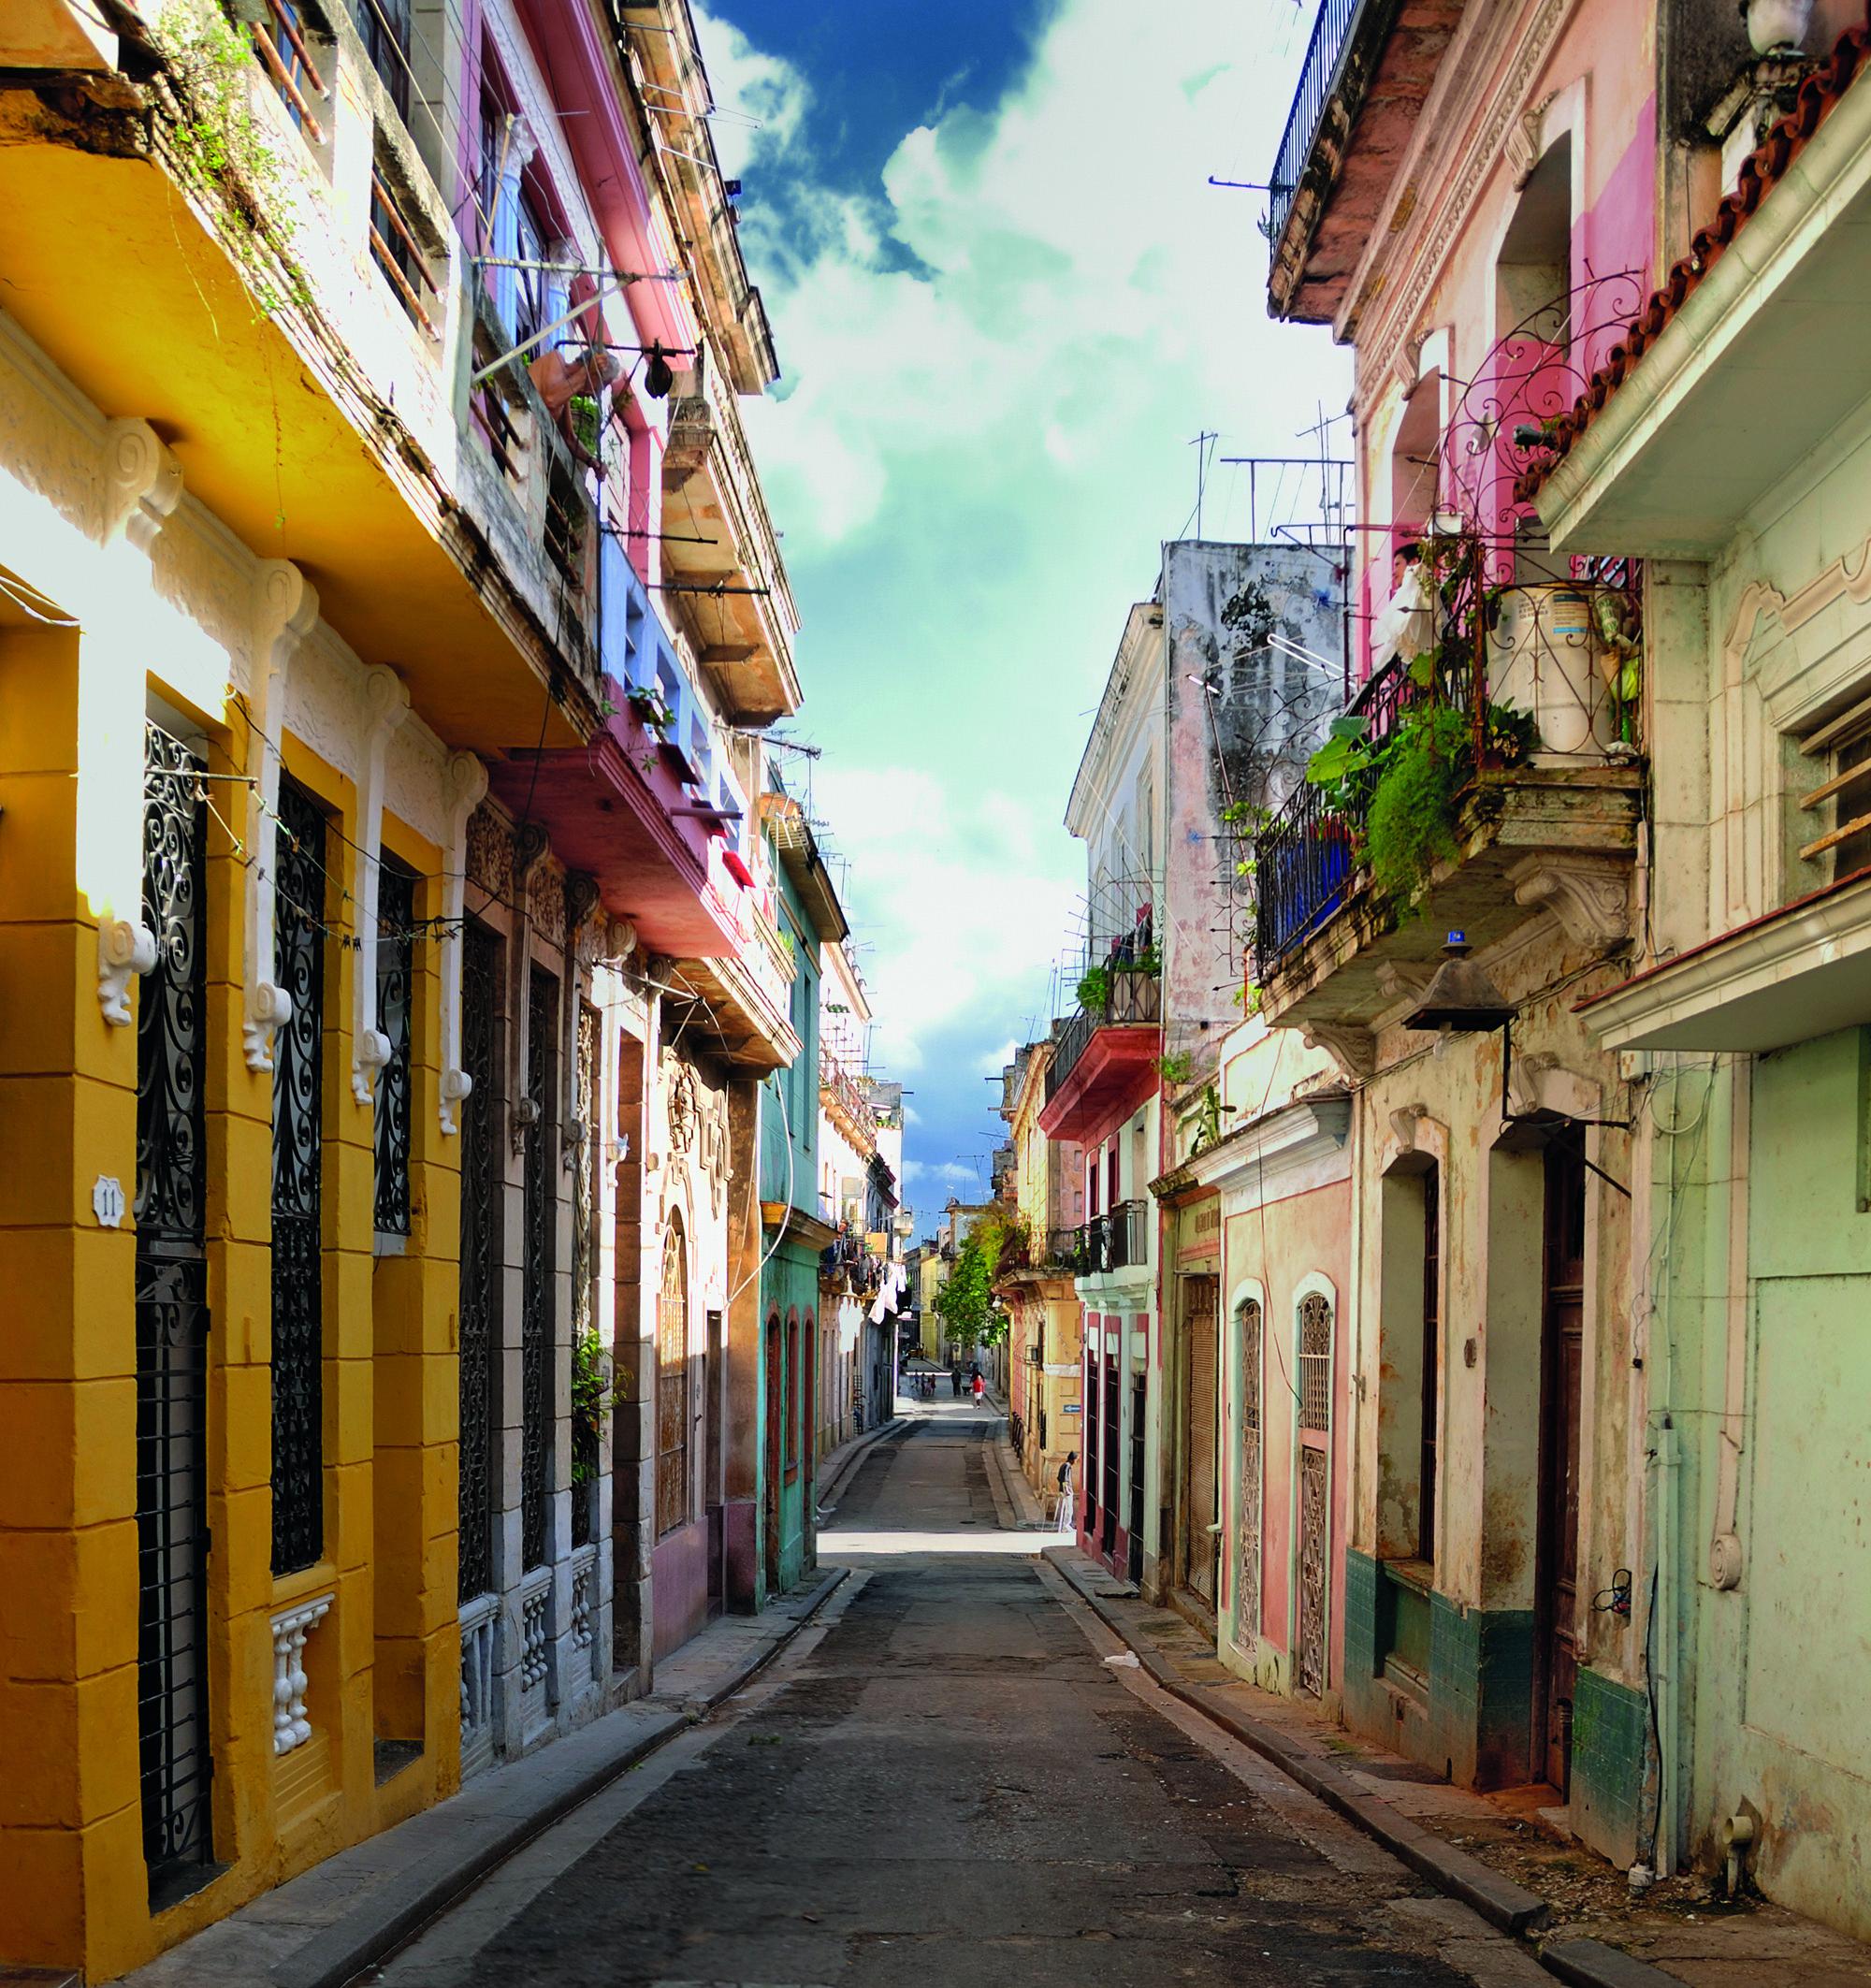 Farbenfrohe Häuser in Havanna